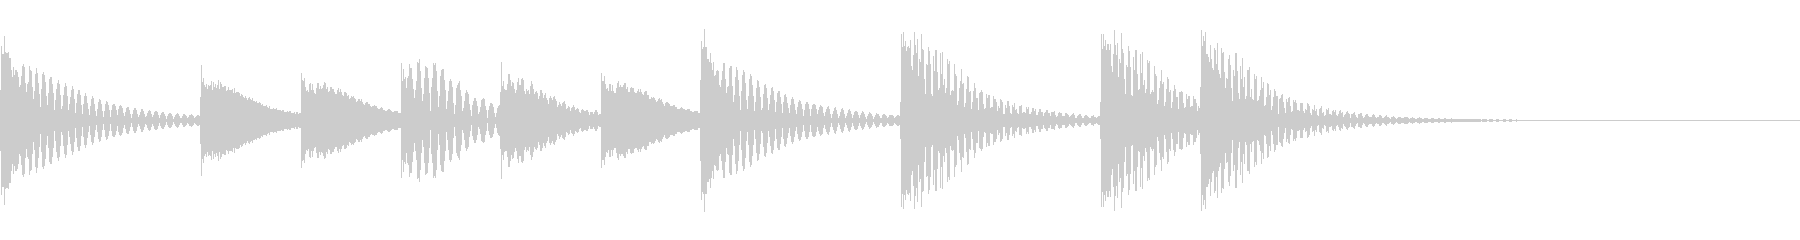 マリンバ(木琴)のかわいいジングルの未再生の波形